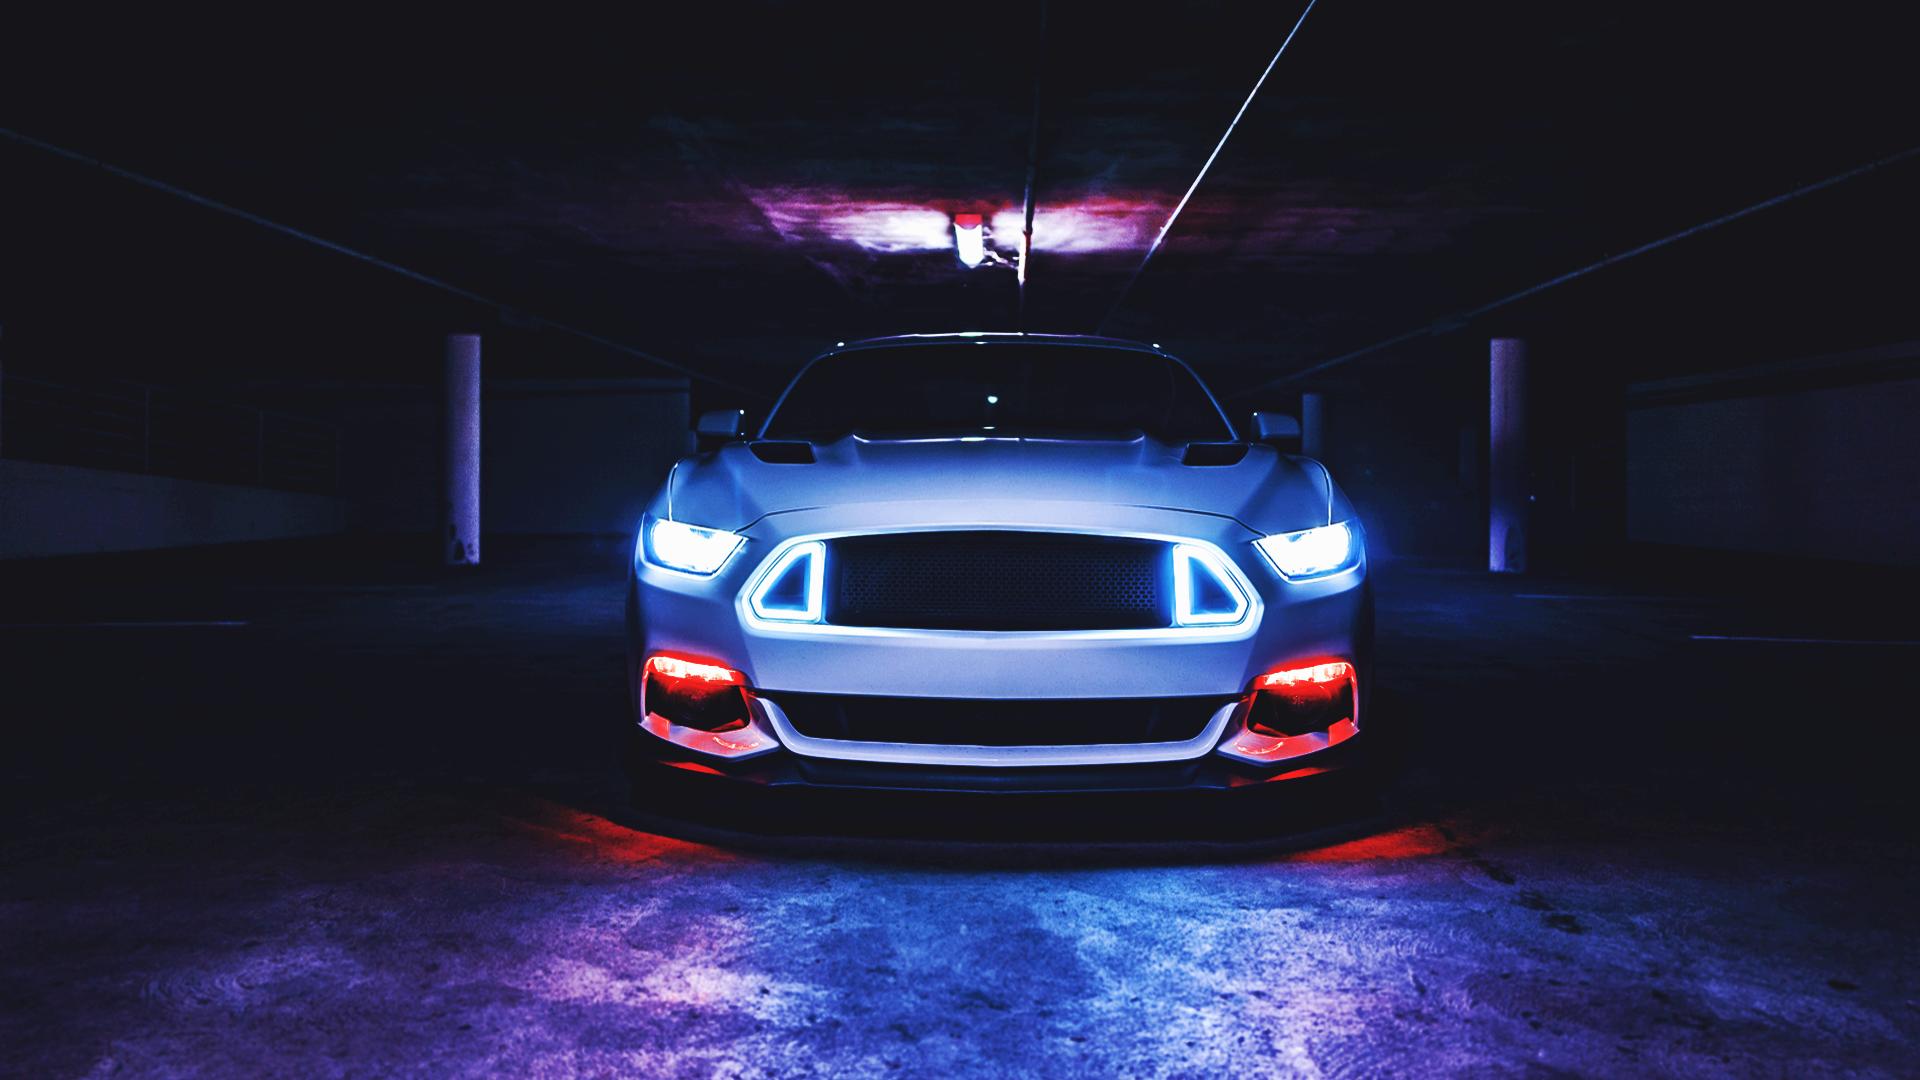 Wallpaper Sport Car Headlight Light Glow 1920x1080 Arkashd 1562227 Hd Wallpapers Wallhere